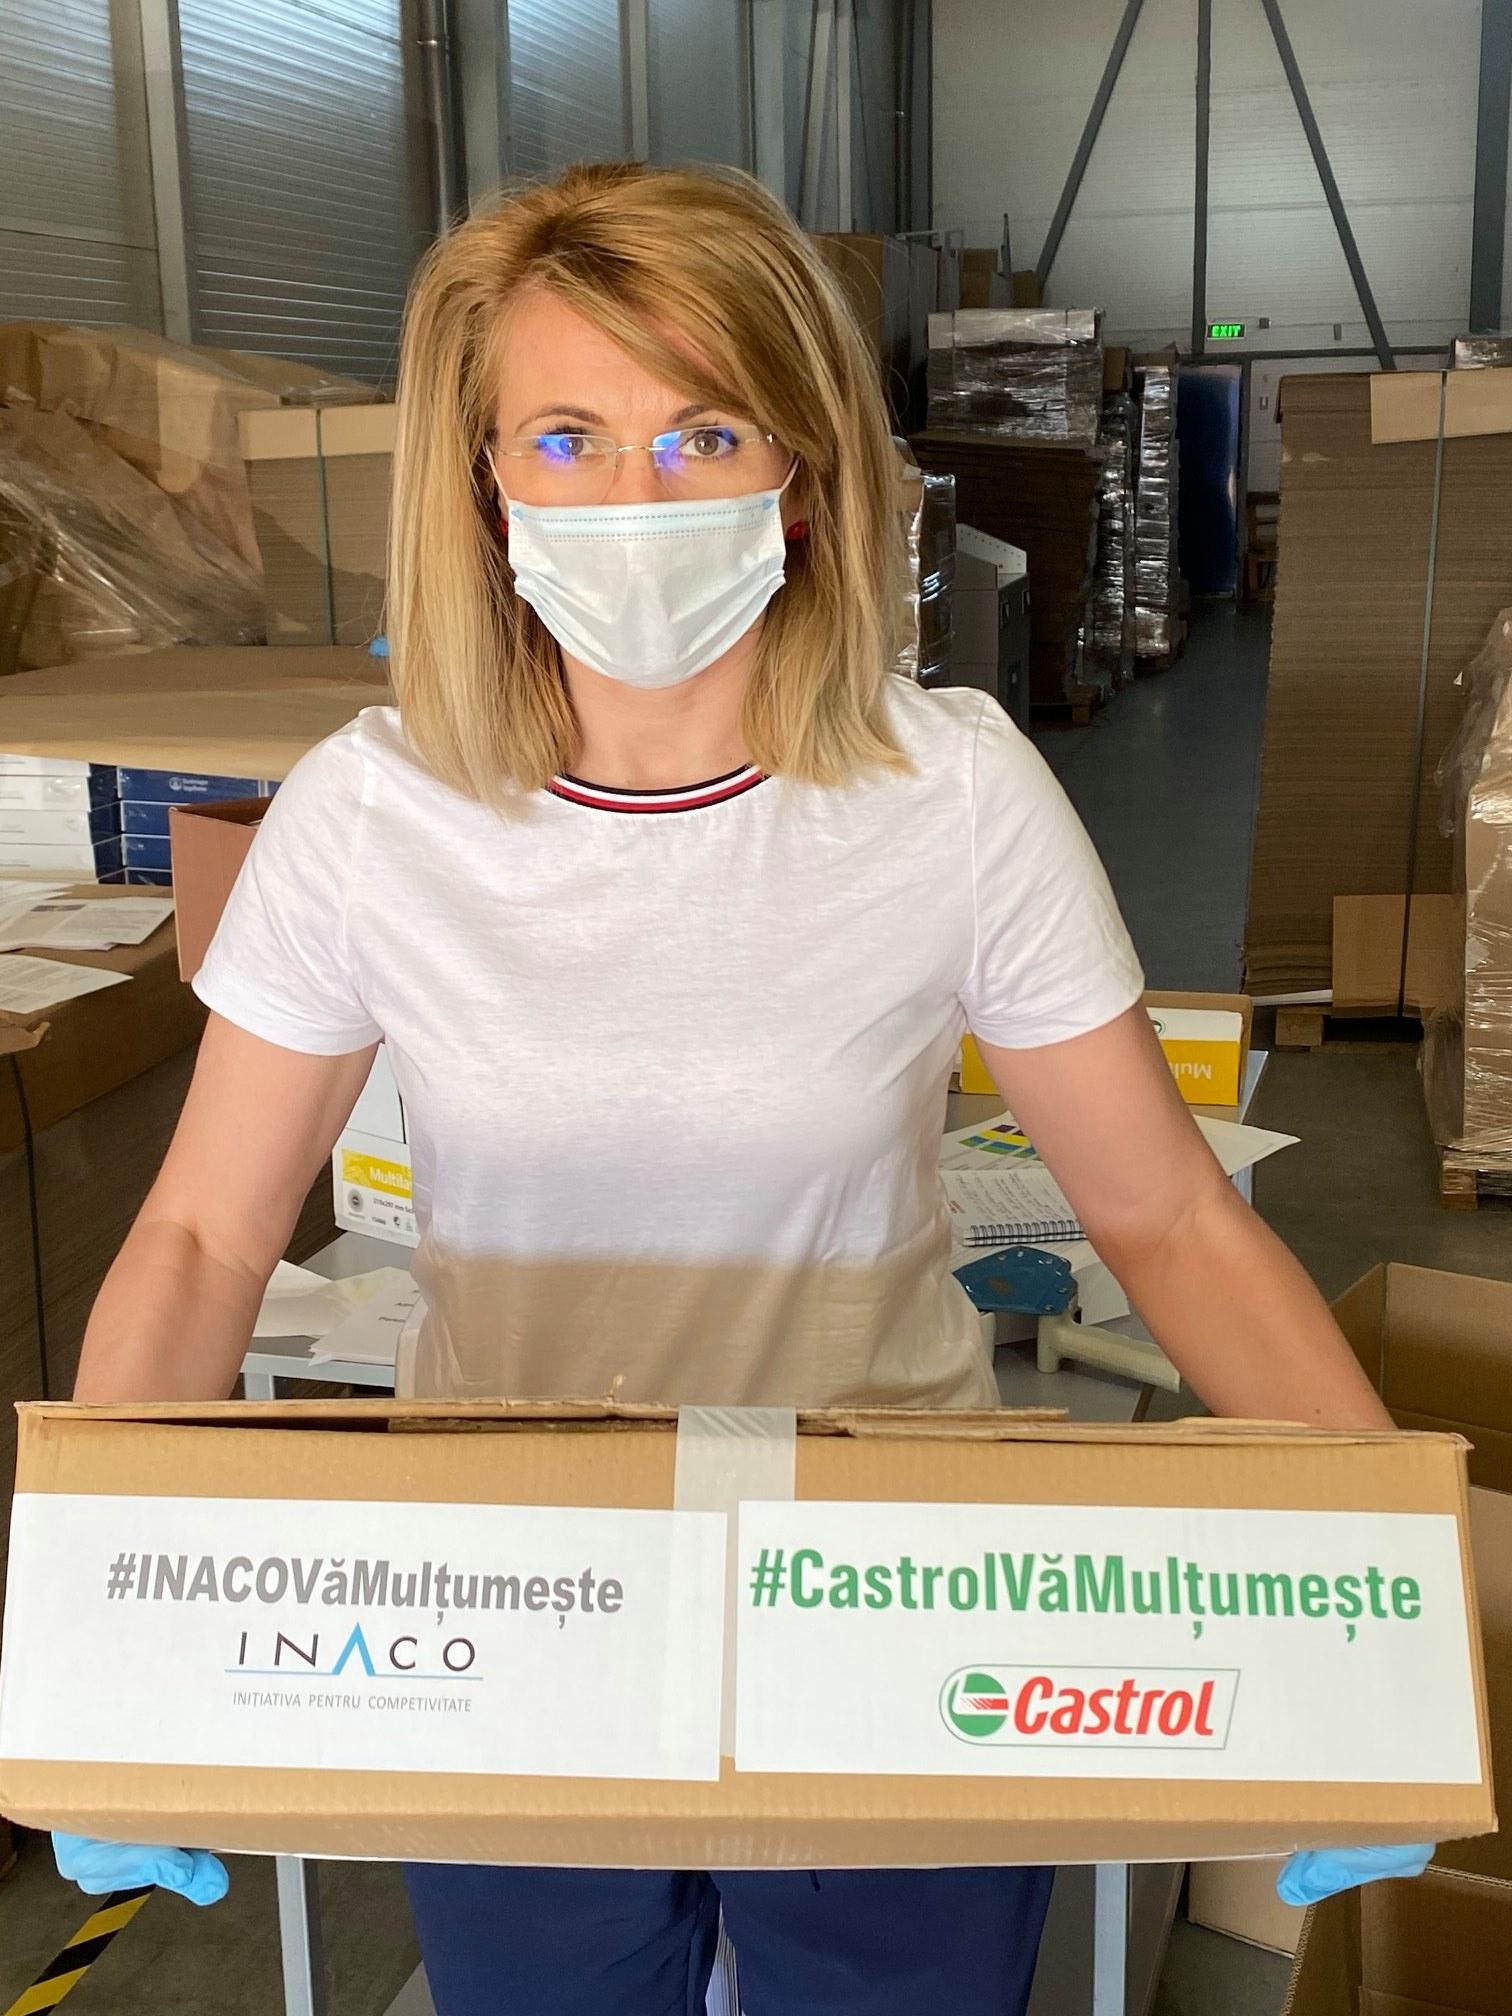 22 de spitale beneficiare de echipamente de protecție din toată țara într-o campanie amplă de donații organizată de INACO, finanțată de CASTROL și distribuite în siguranță de către DHL